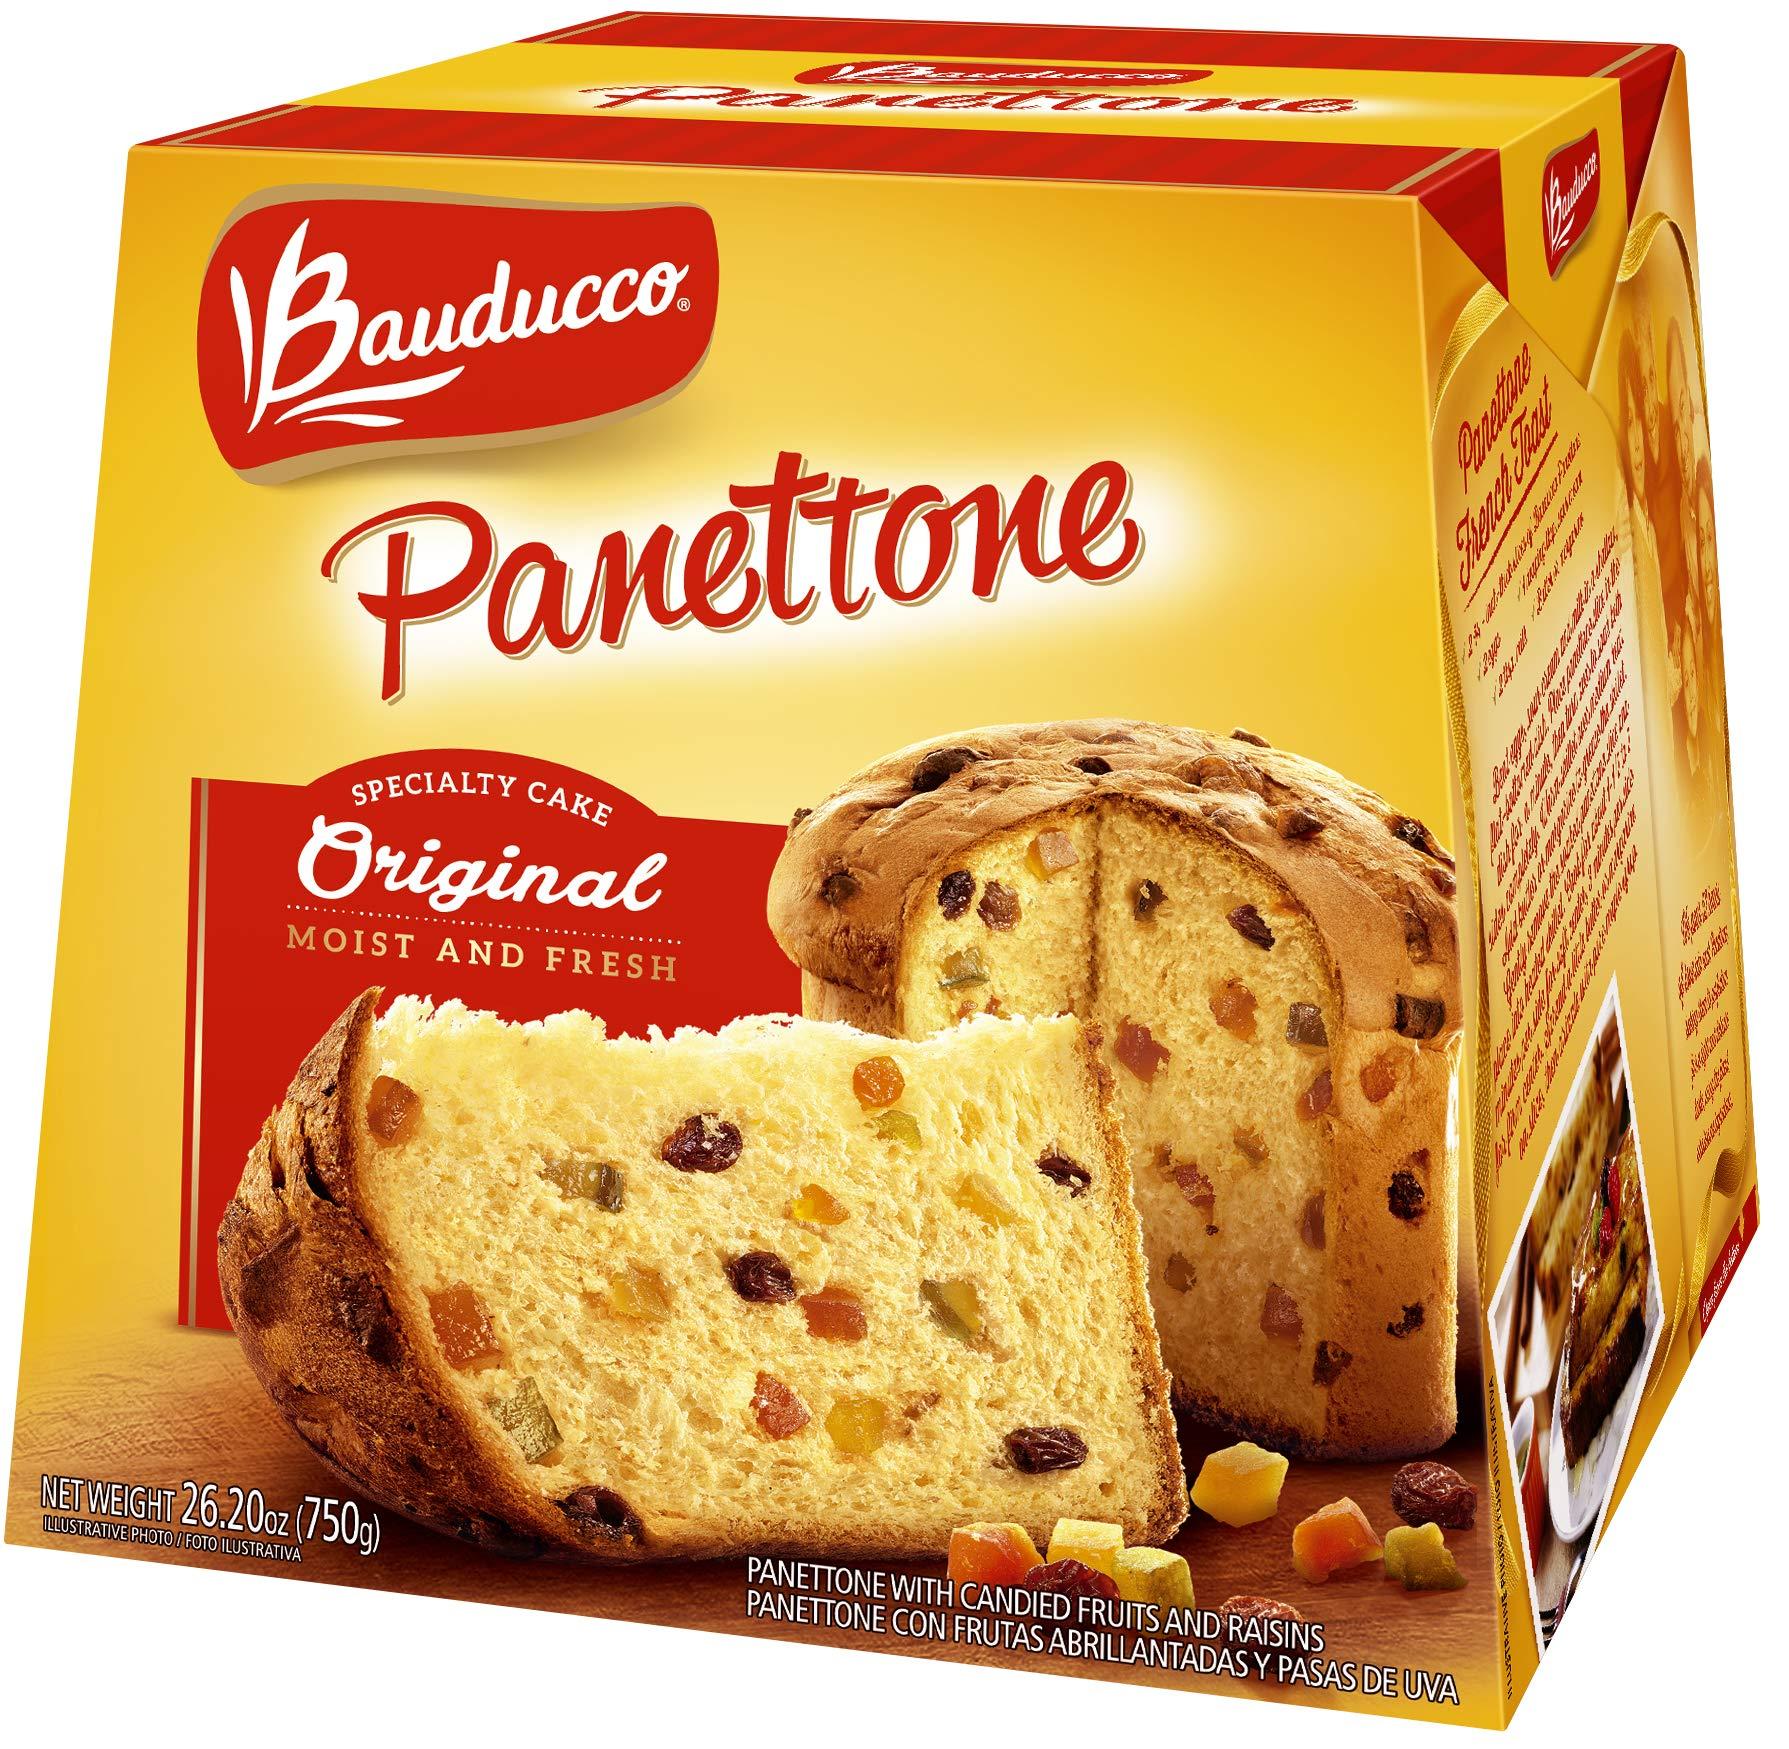 Bauducco Panettone Original 262 Oz